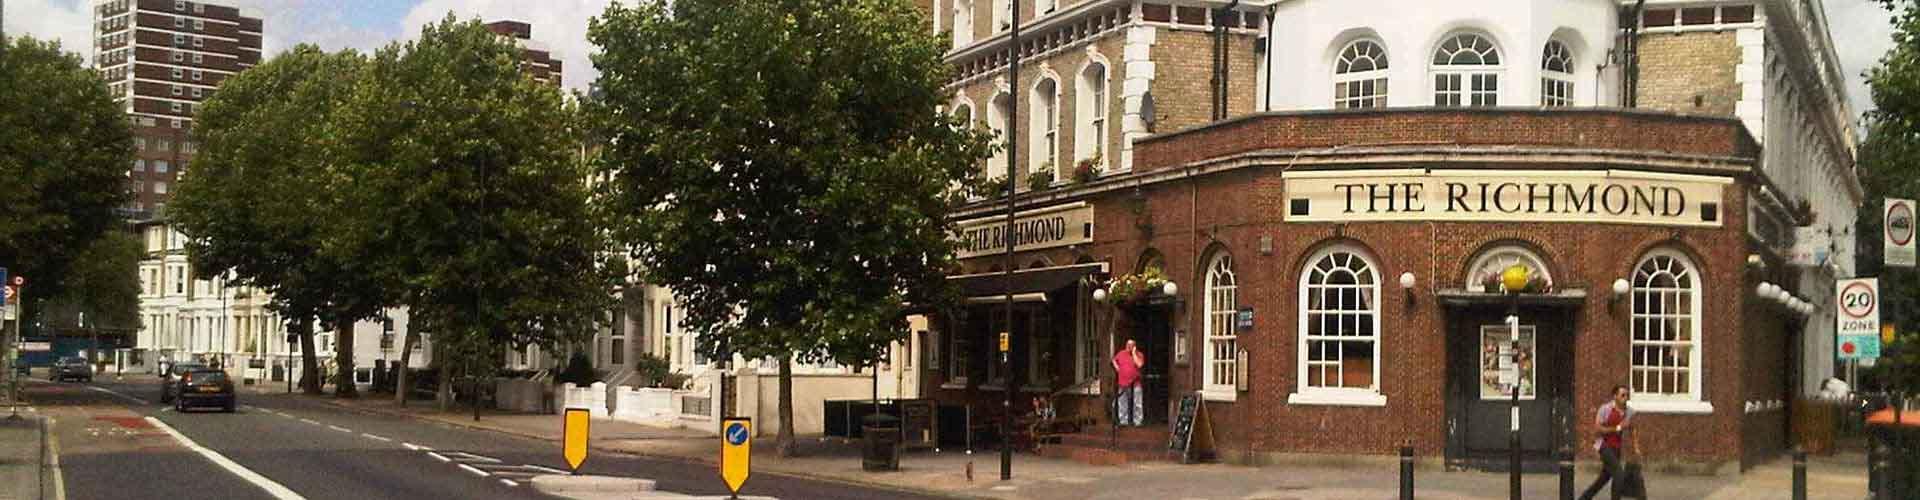 Londres - Albergues Juveniles en el distrito Municipio de Hammersmith y Fulham . Mapas de Londres, Fotos y Comentarios para cada Albergue Juvenil en Londres.